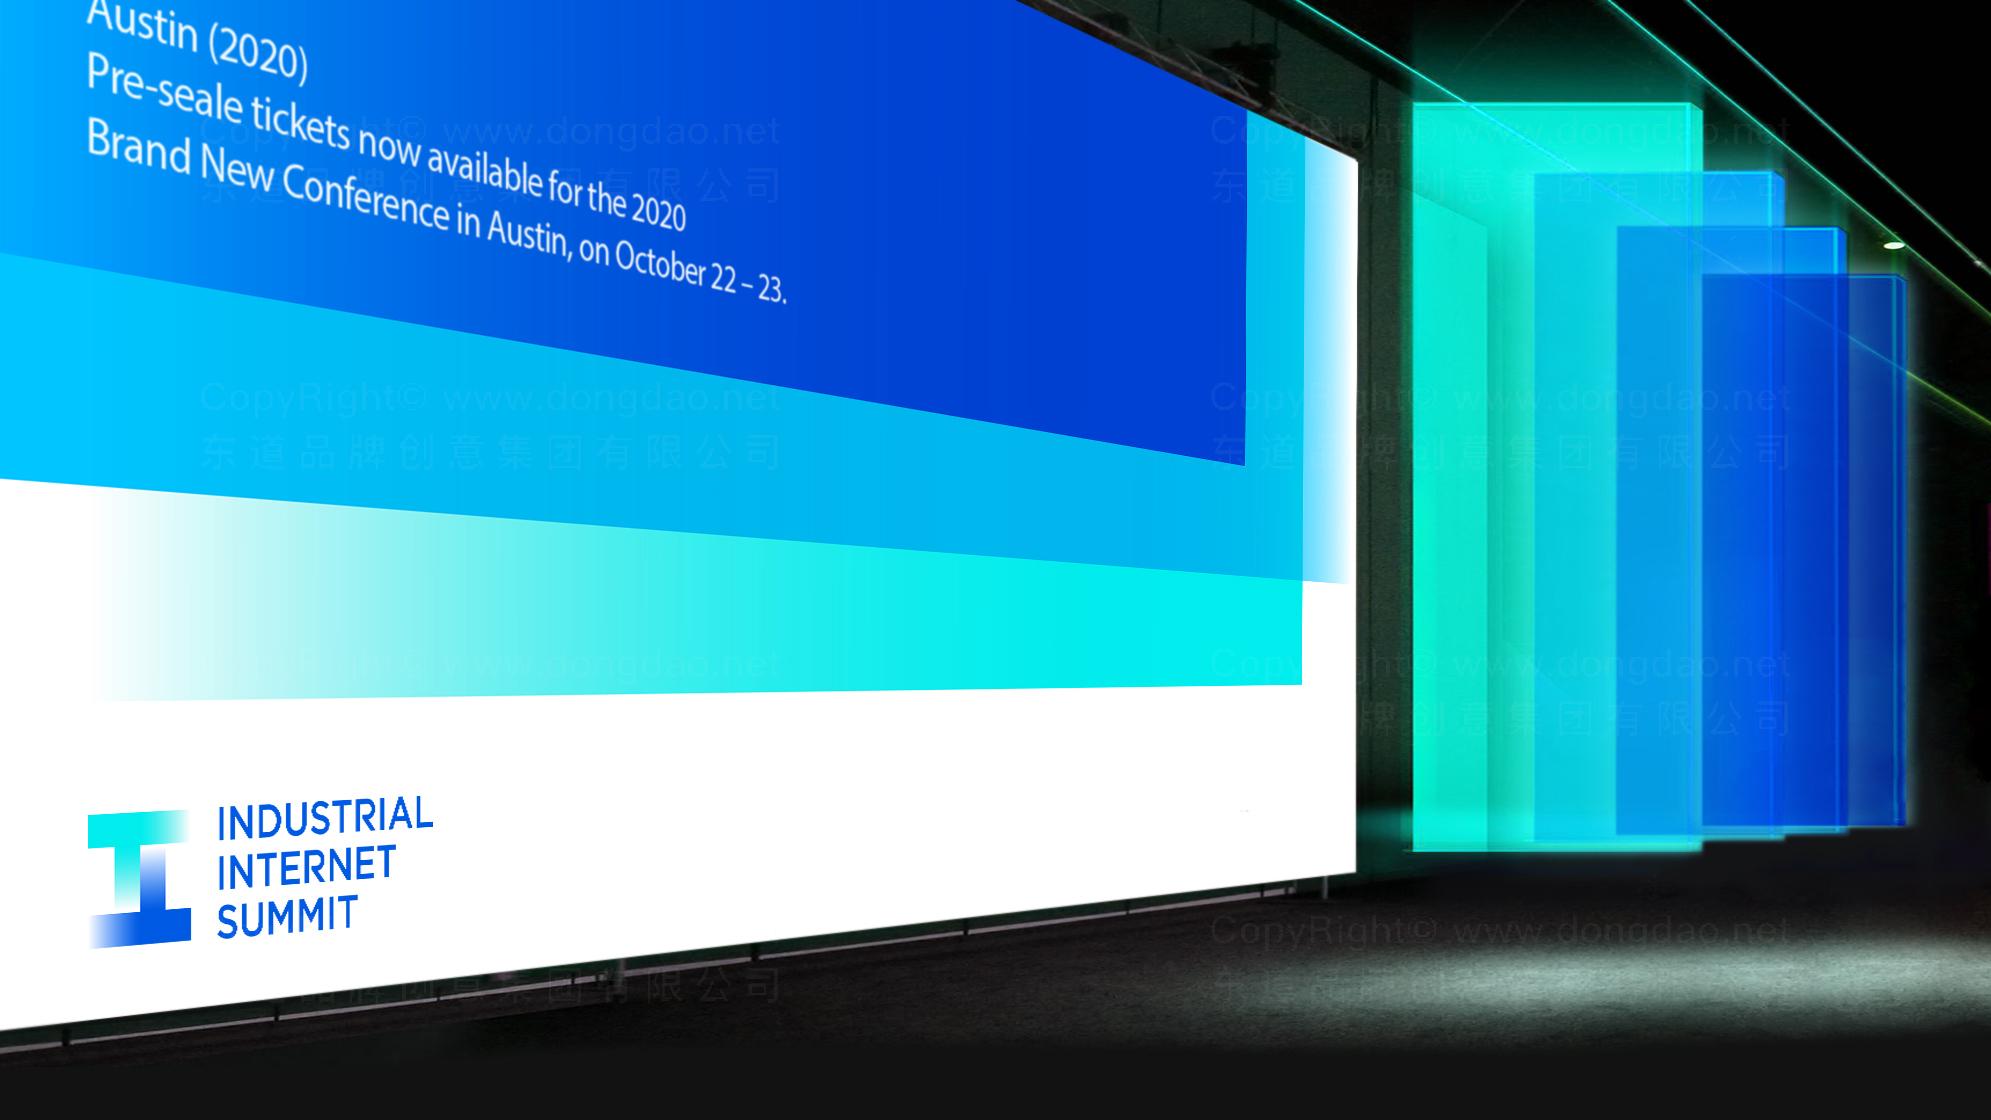 品牌设计工业互联网峰会LOGO设计应用场景_2